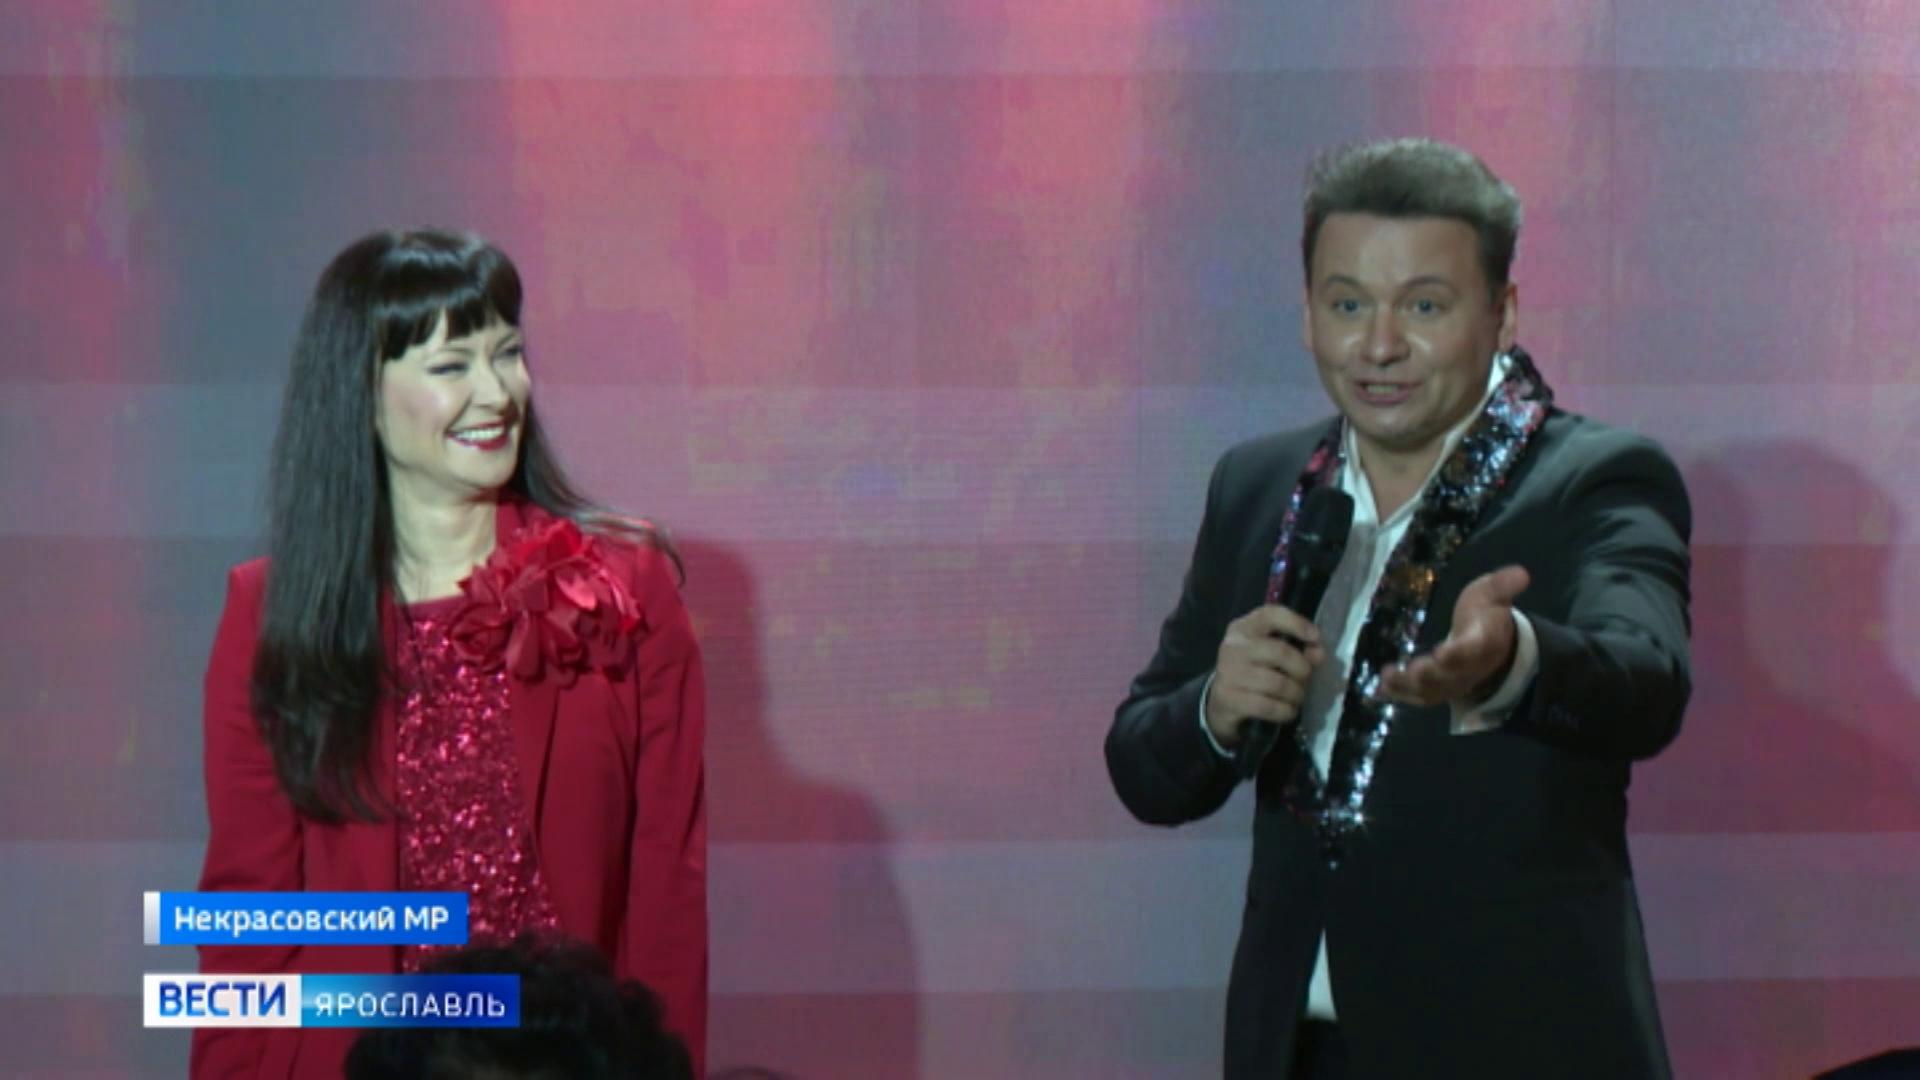 В Вятском прошел концерт Нонны Гришаевой и Александра Олешко